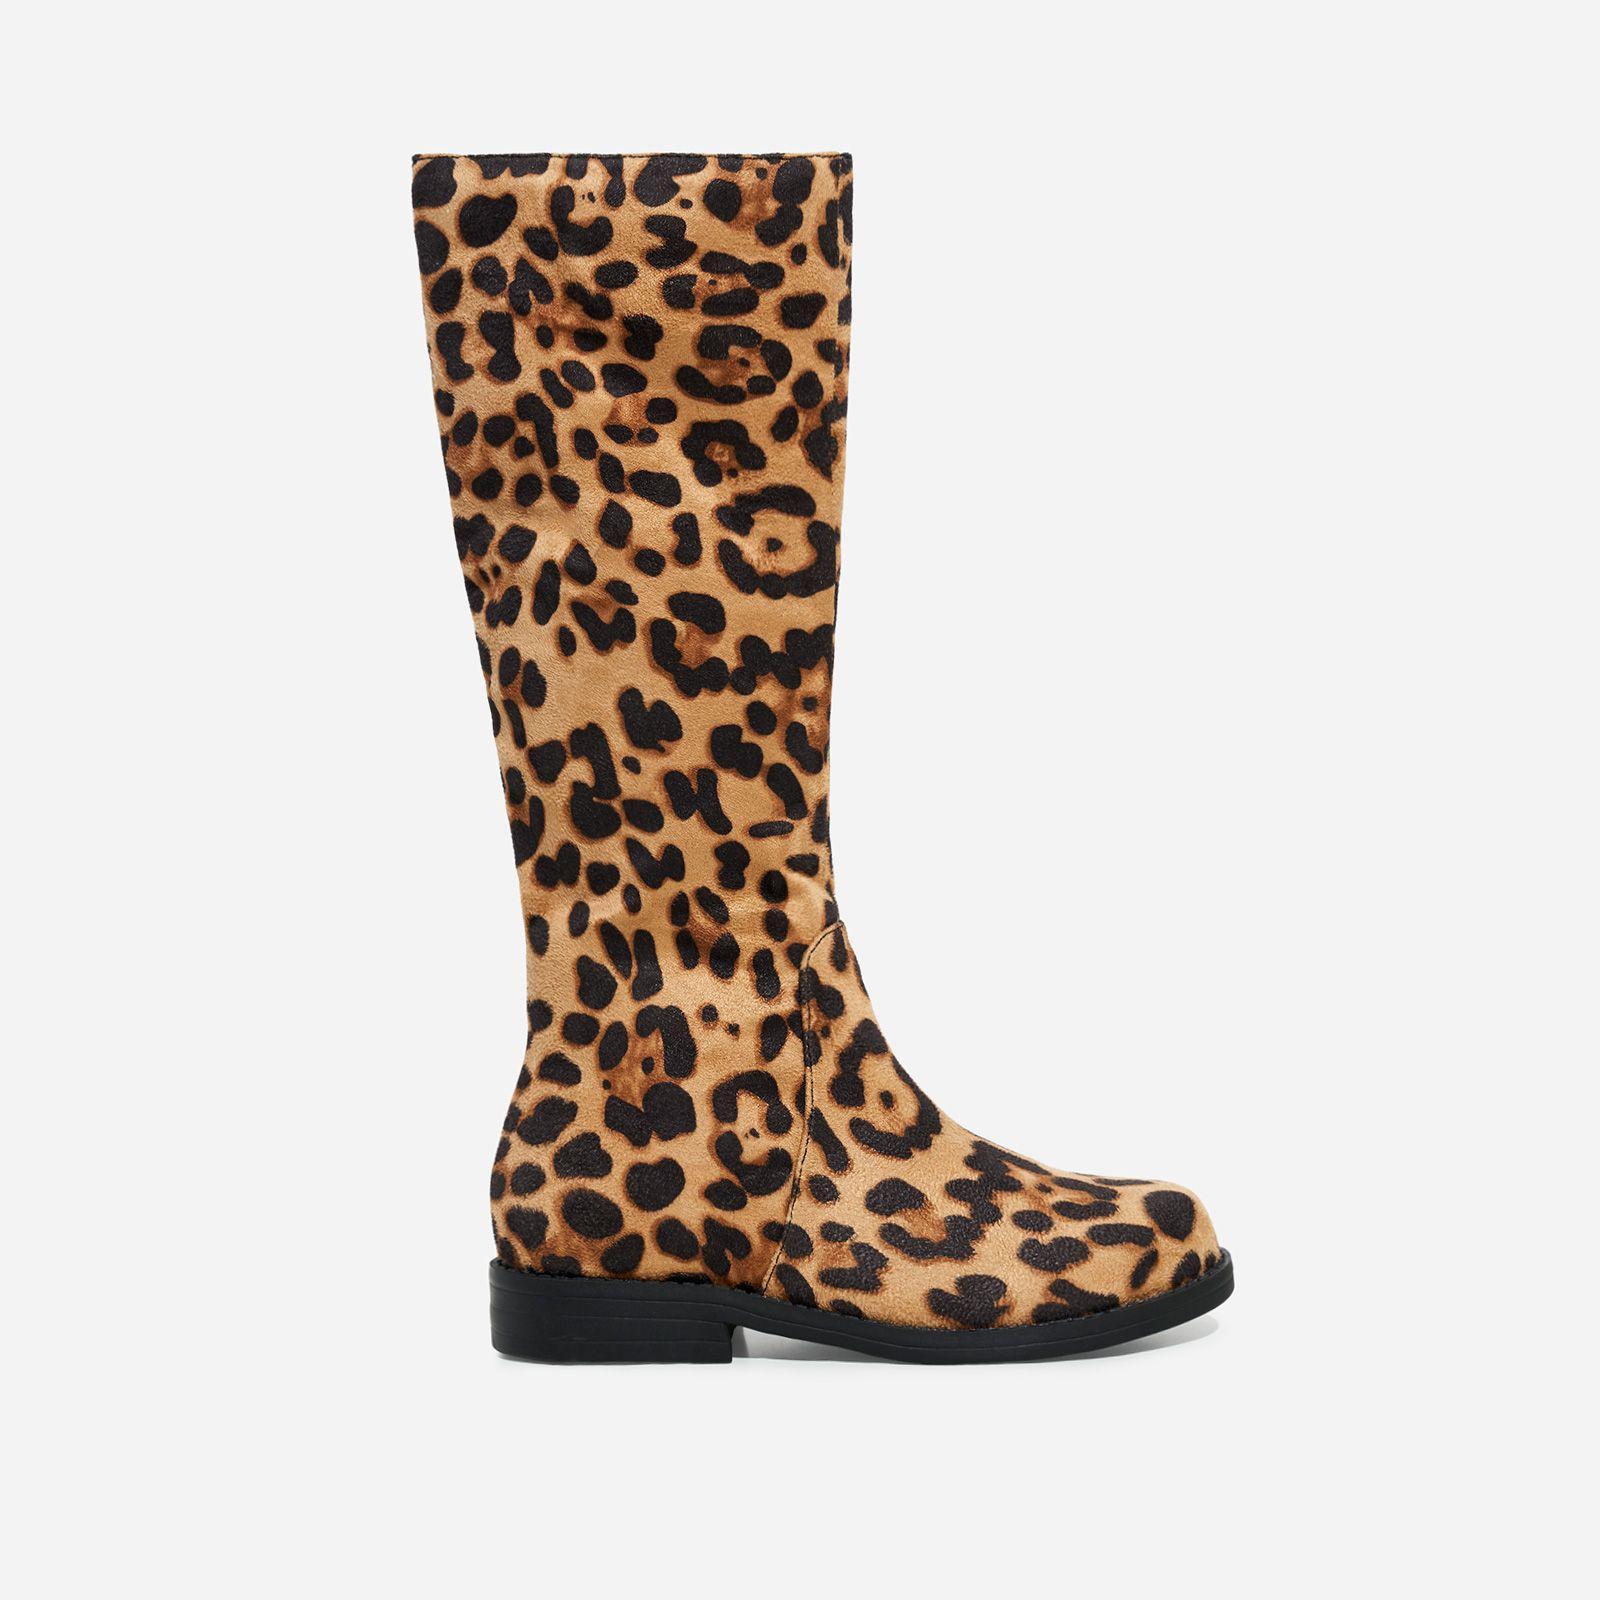 Tan Leopard Print Faux Suede